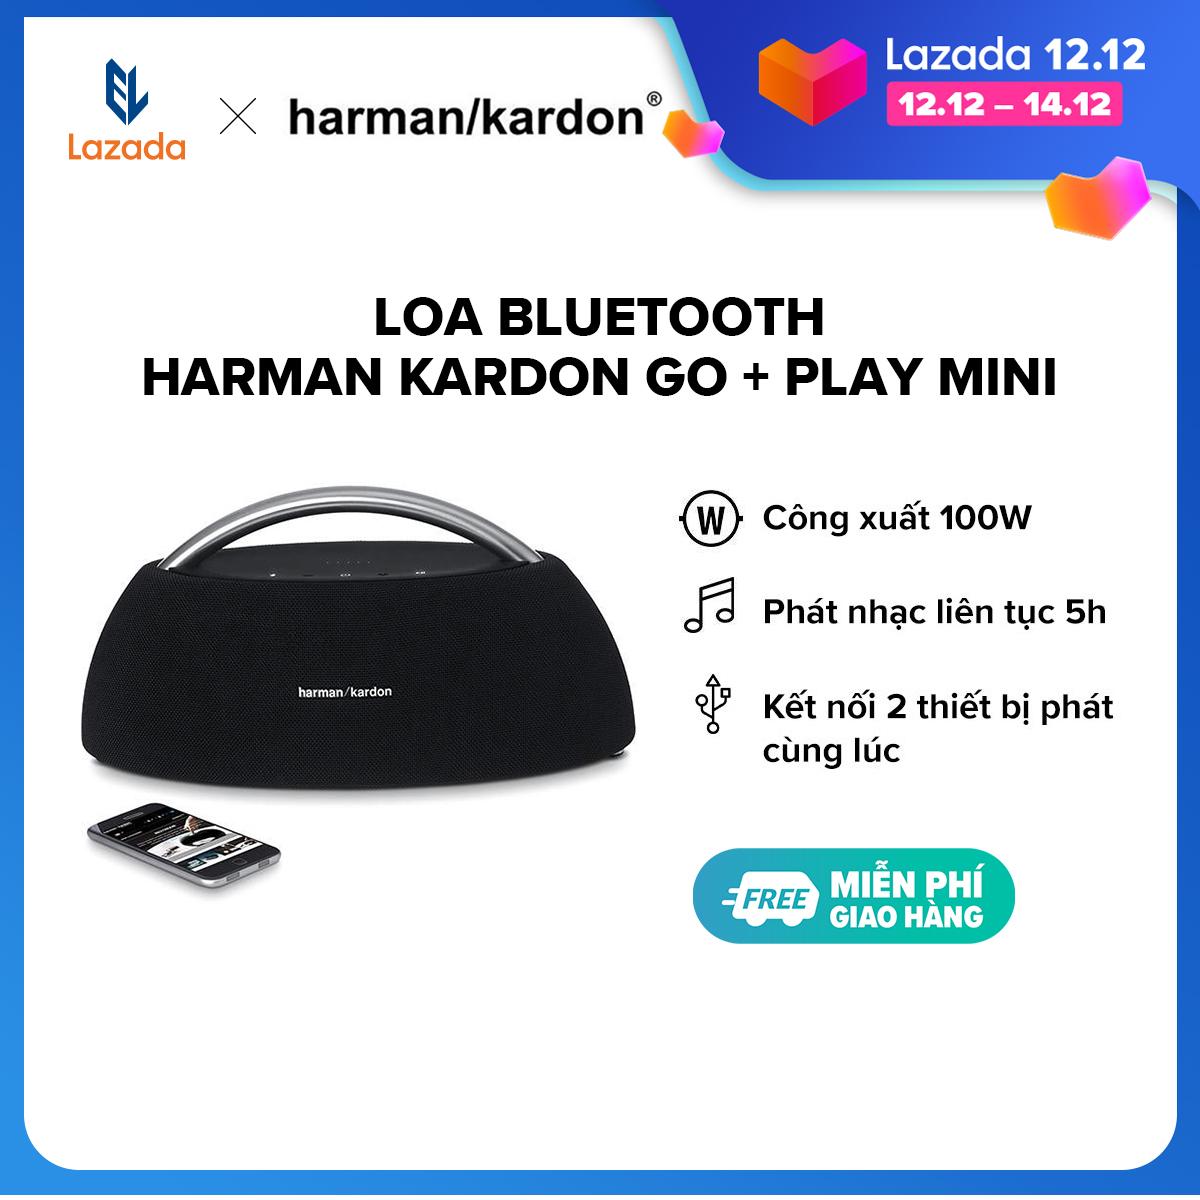 [TRẢ GÓP 0% - HÀNG CHÍNH HÃNG] Loa Bluetooth Harman Kardon Go + Play mini l 4 Driver công suất khủng 100W l Pin 2200 mAh l Nghe nhạc liên tục 8h